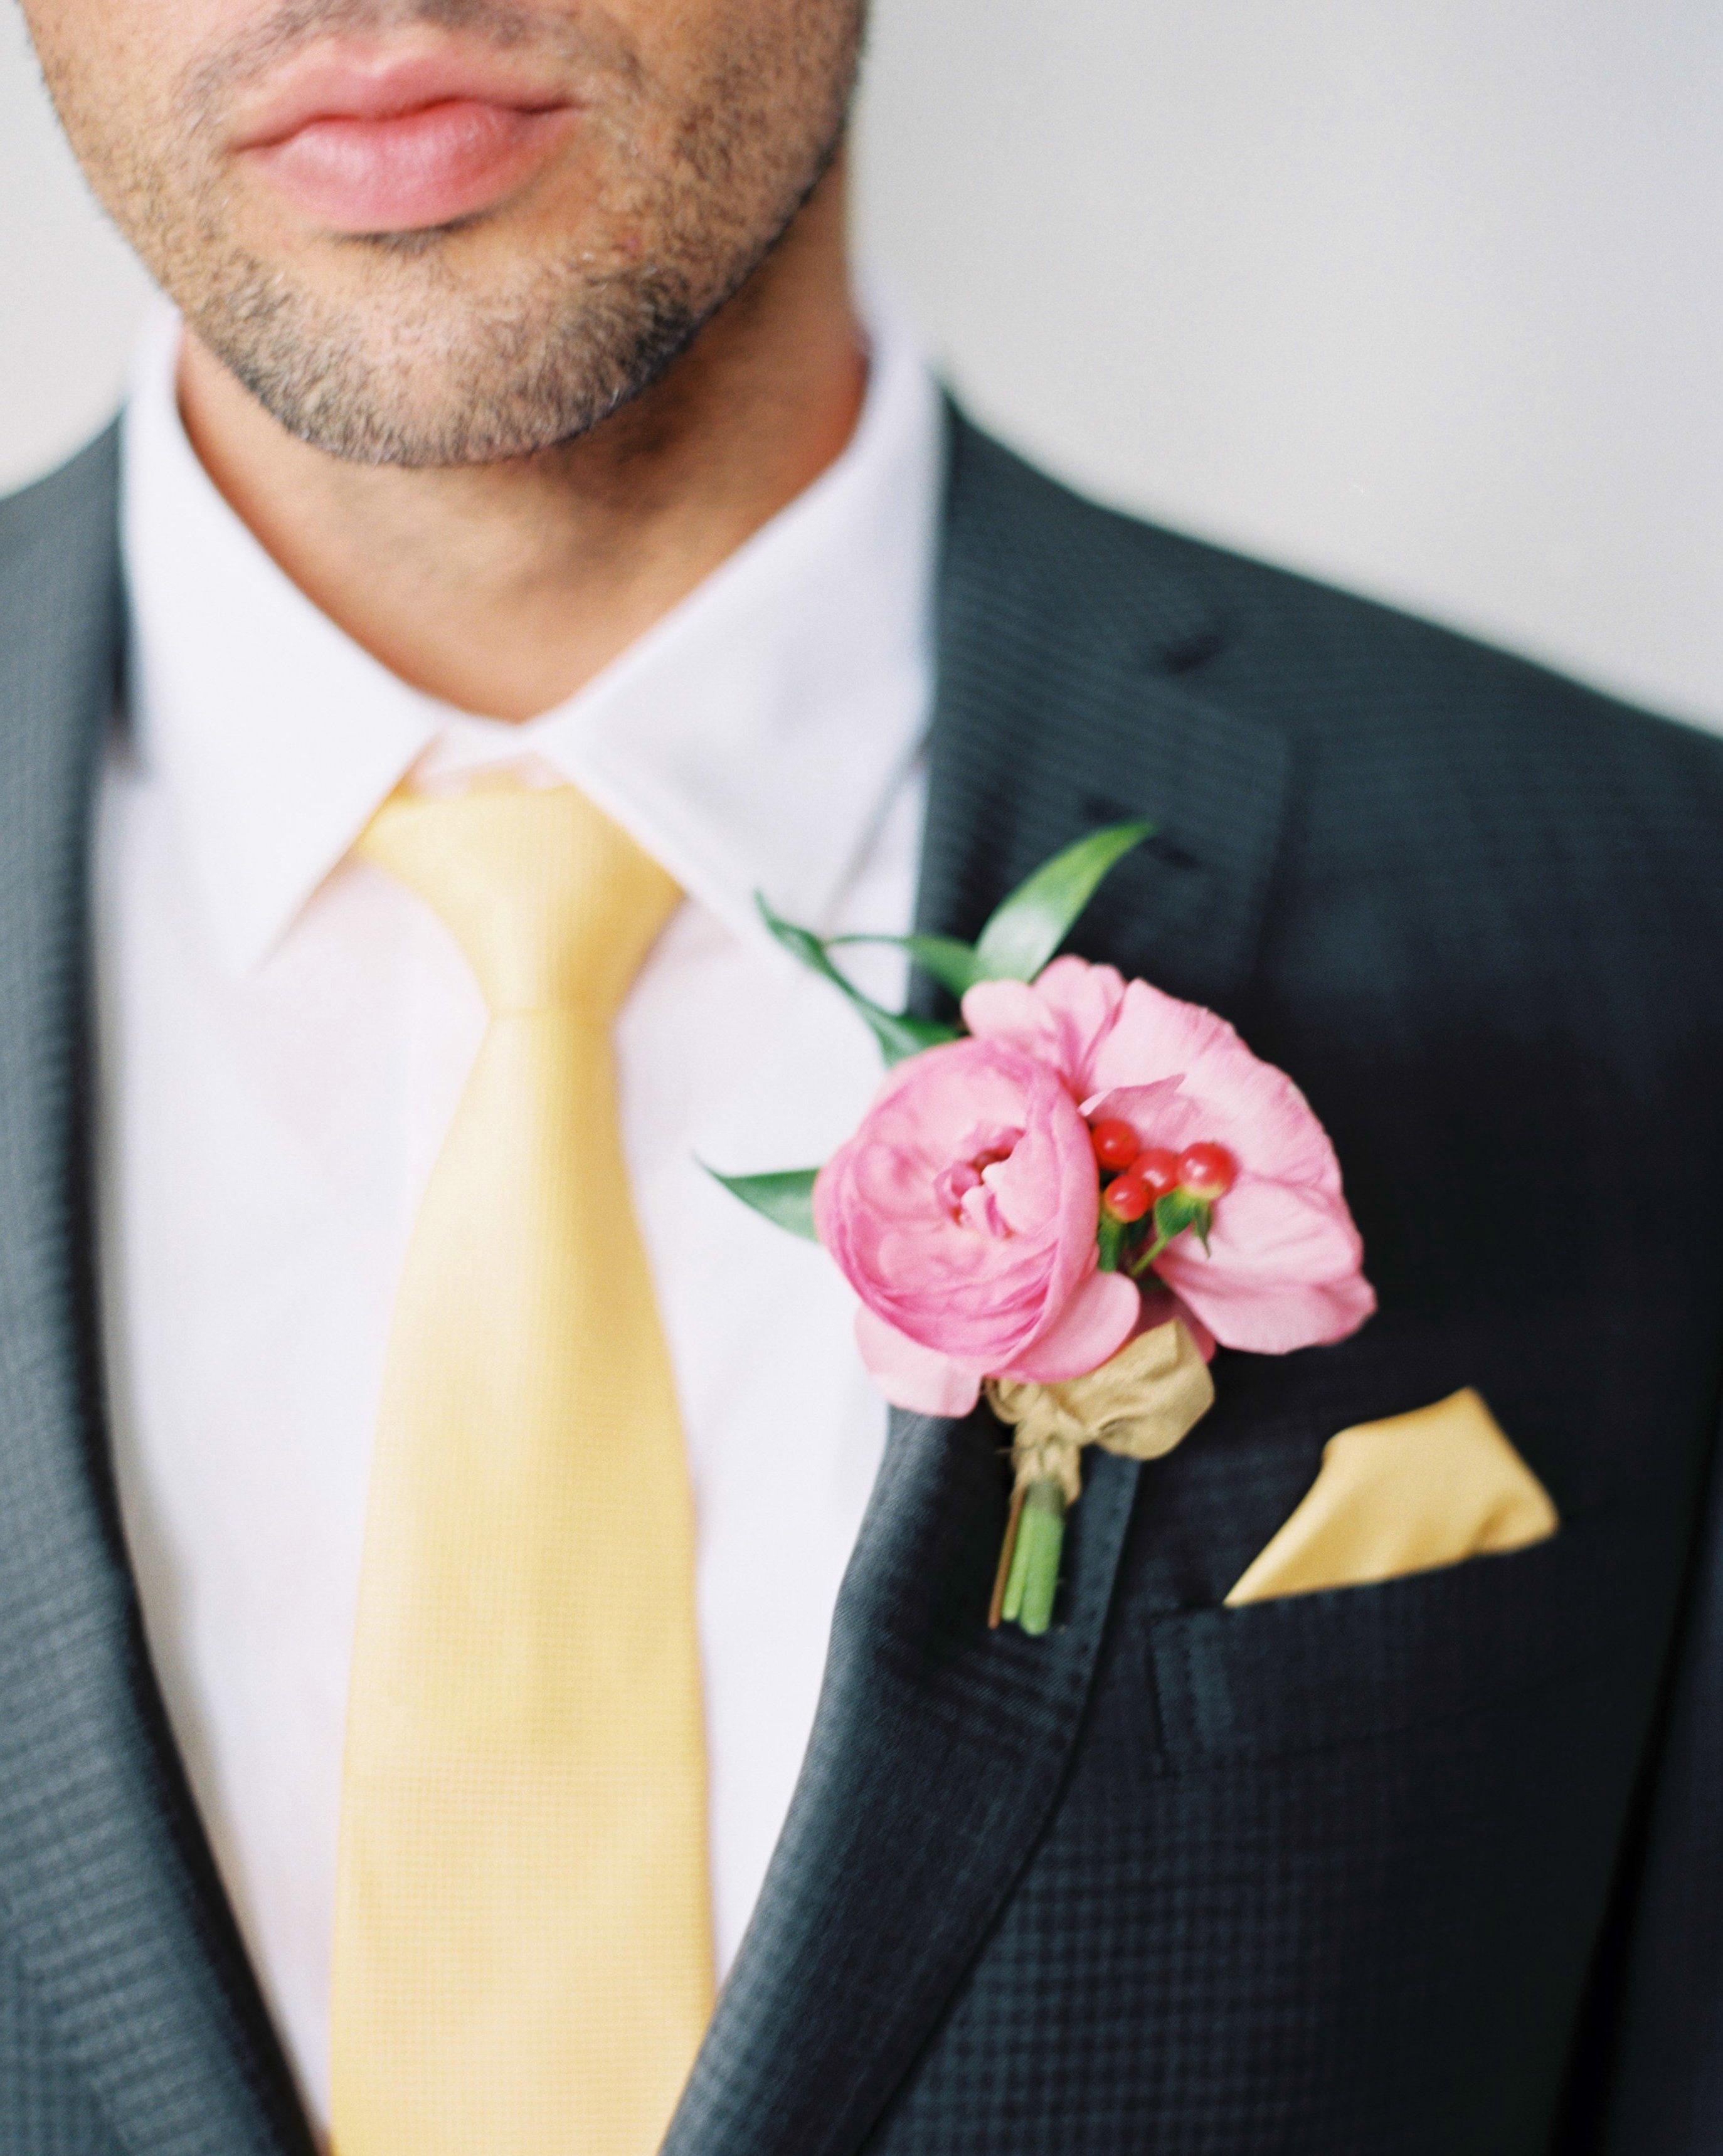 jessejo-daniel-wedding-boutonniere-025-s112302-1015.jpg